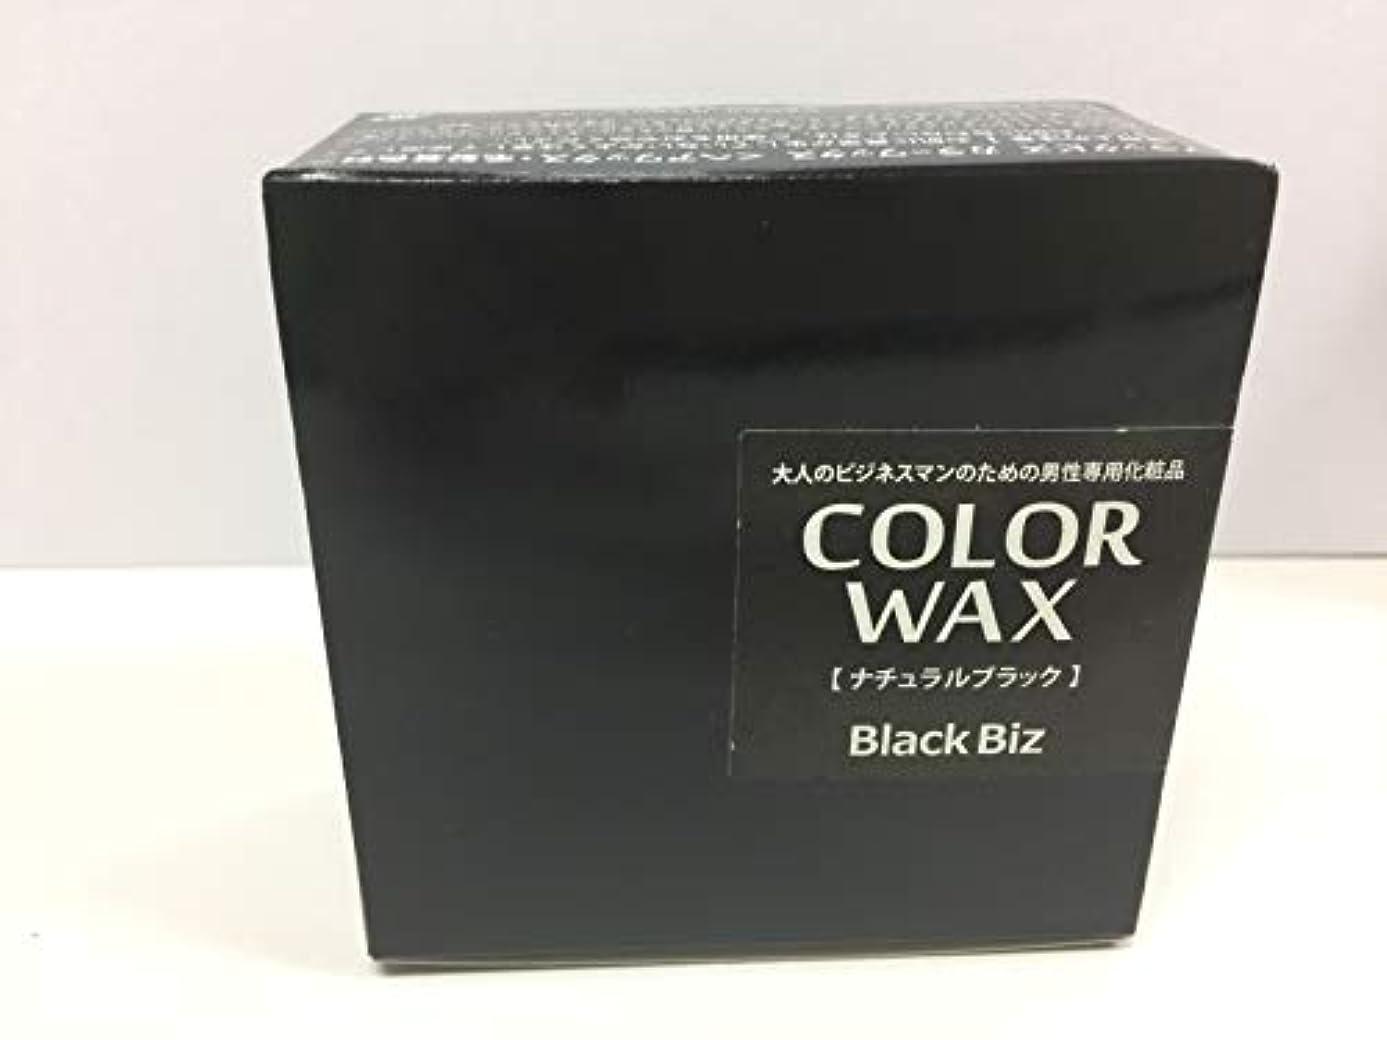 監督する必要としているブラウン大人のビジネスマンのための男性専用化粧品 BlackBiz COLOR WAX ブラックビズ カラーワックス 【ナチュラルブラック】